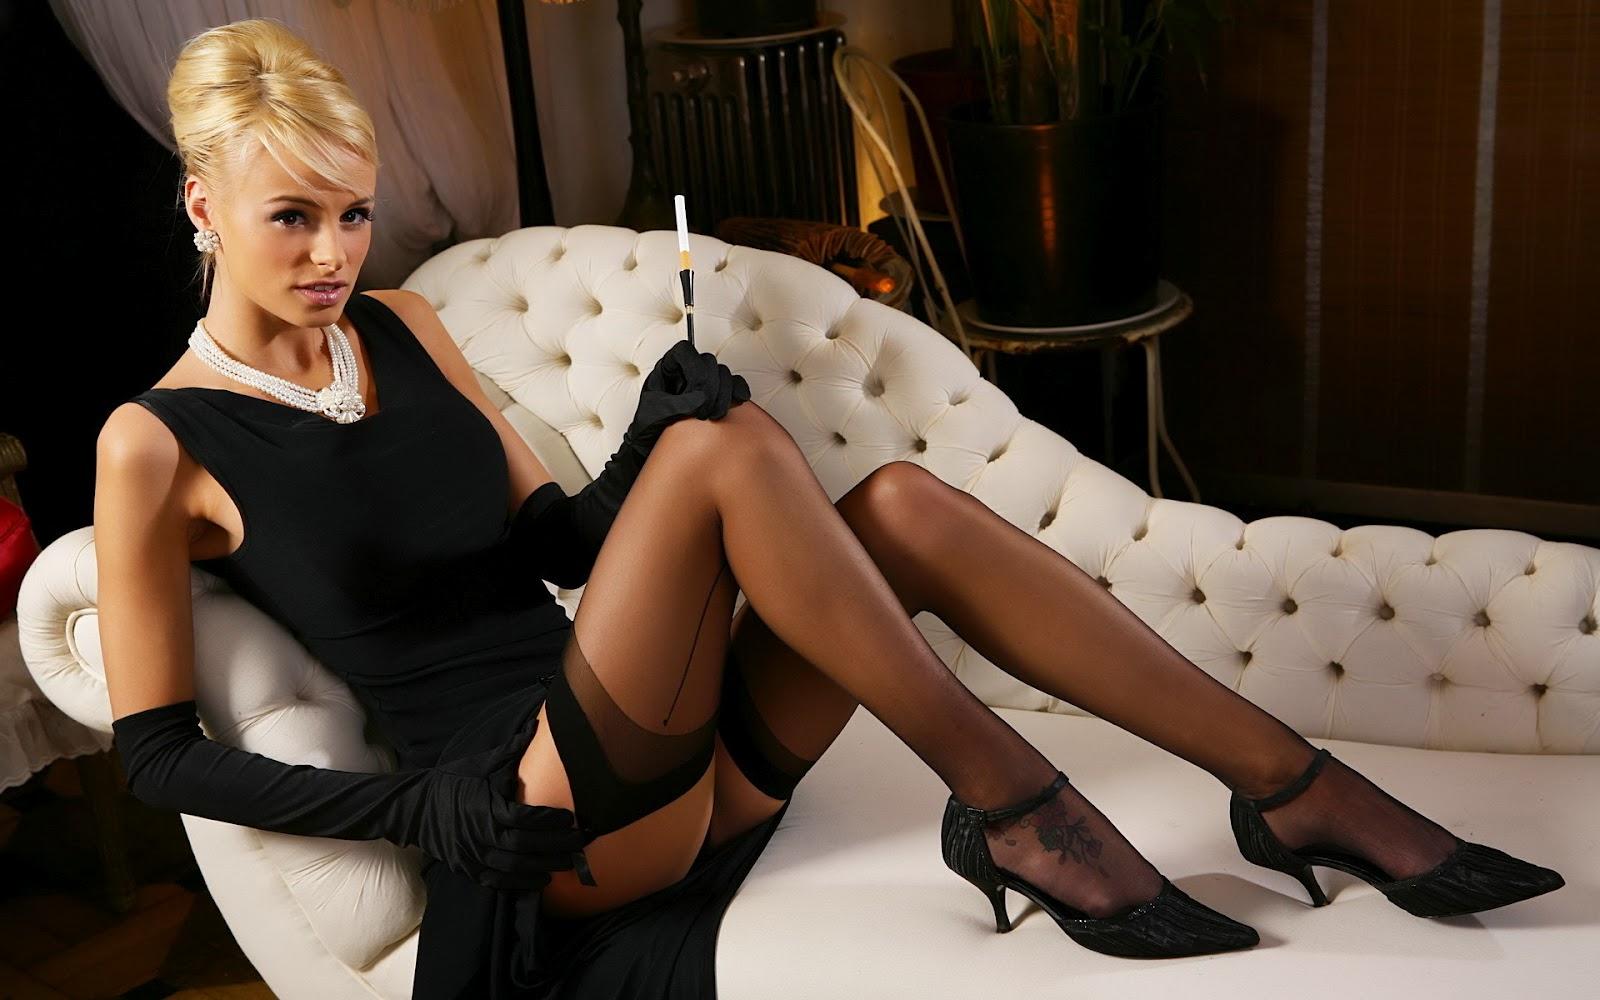 http://2.bp.blogspot.com/-Dz9WmoOLHVM/T4w8hQZtr-I/AAAAAAAAZ68/m7EM9ieG9n4/s1600/Rhian-Sugden-Hot_06.jpg